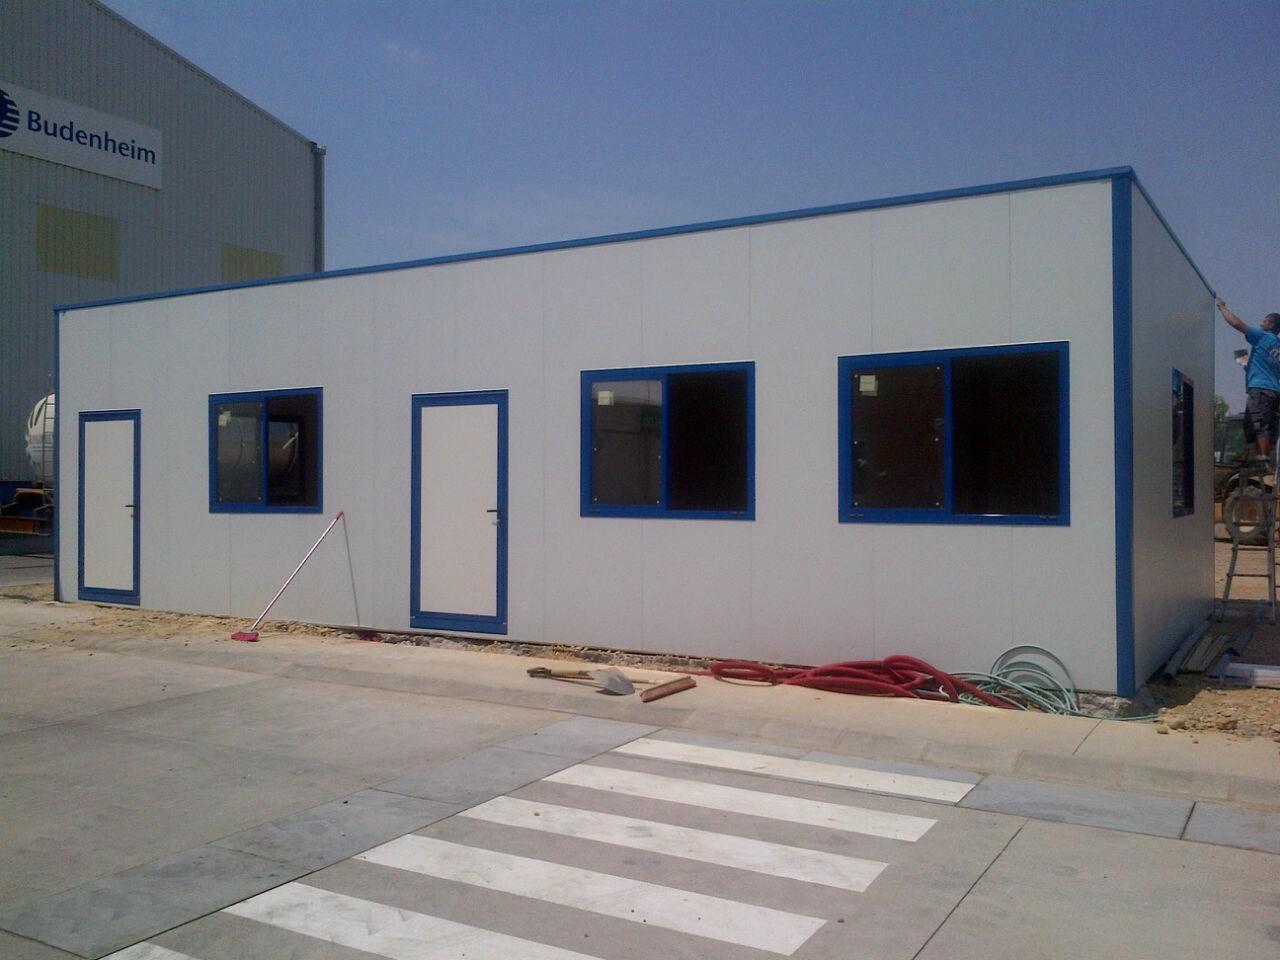 Oficinas modulares con estructura oculta prefabri for Oficinas modulares